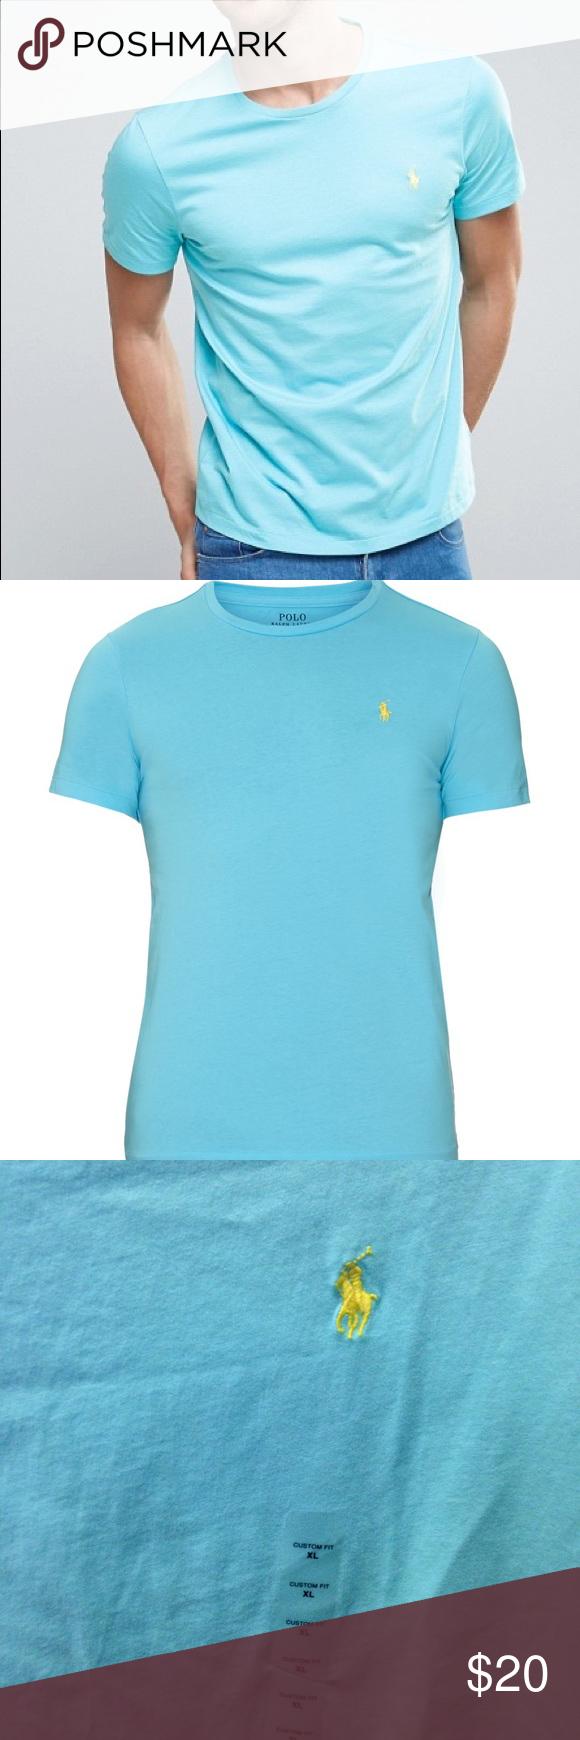 Ralph Lauren Polo Aqua Blue T Shirt Nwt Pinterest Light Blue